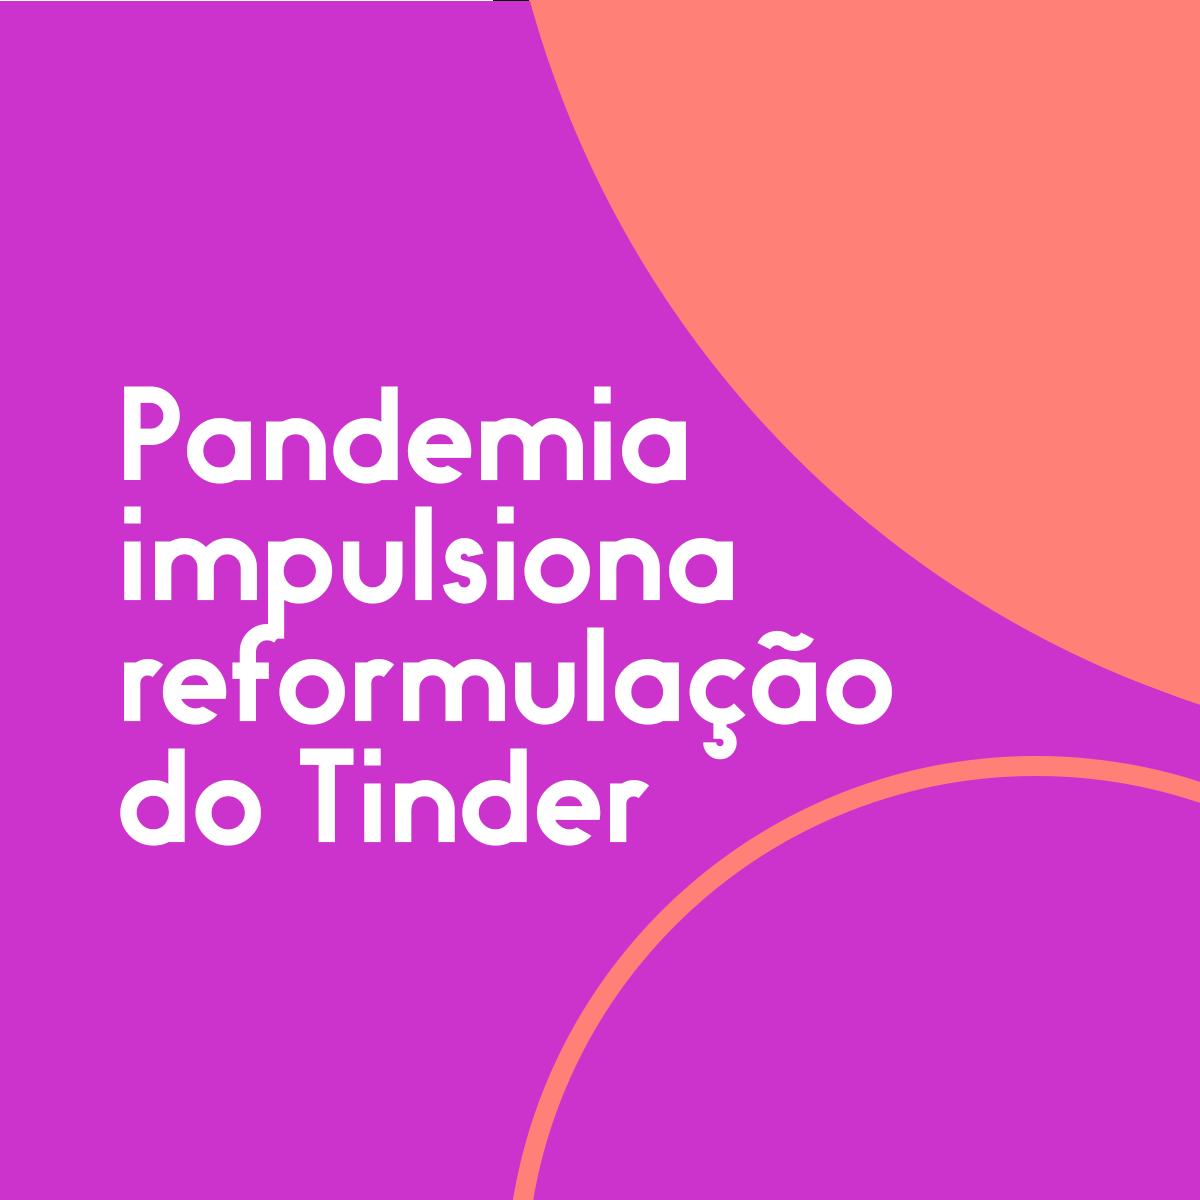 Pandemia-impulsiona-reformulação-do-Tinder (1)